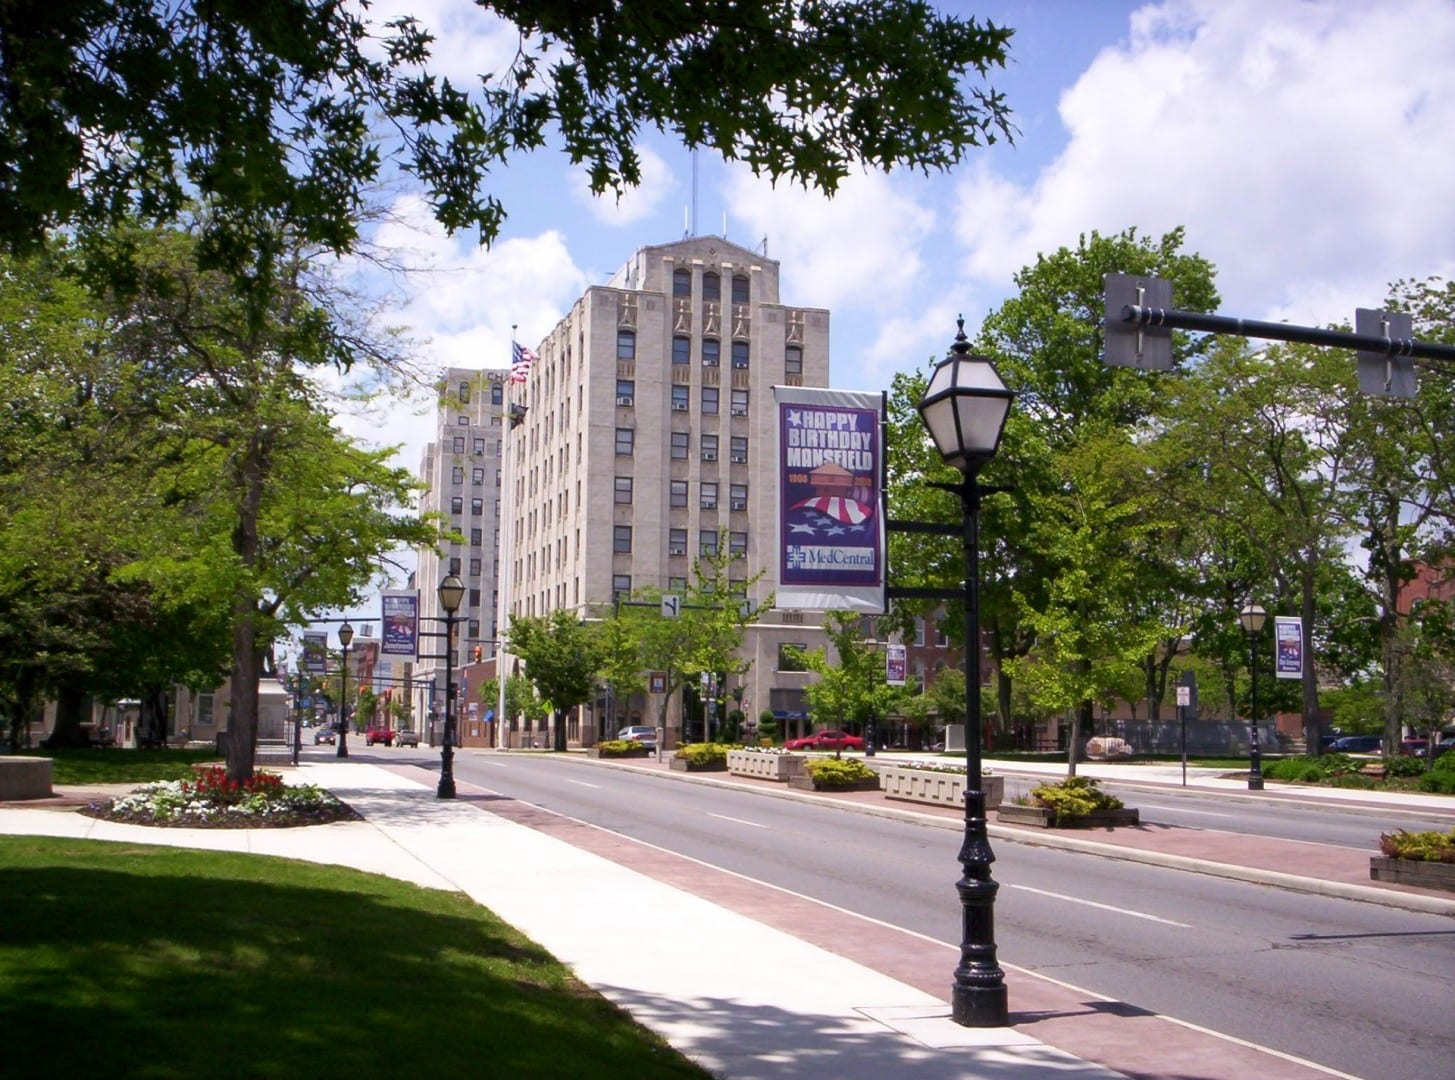 En el centro de Mansfield en Park Avenue East en el Central Park de la plaza. Mansfield OH Estados Unidos